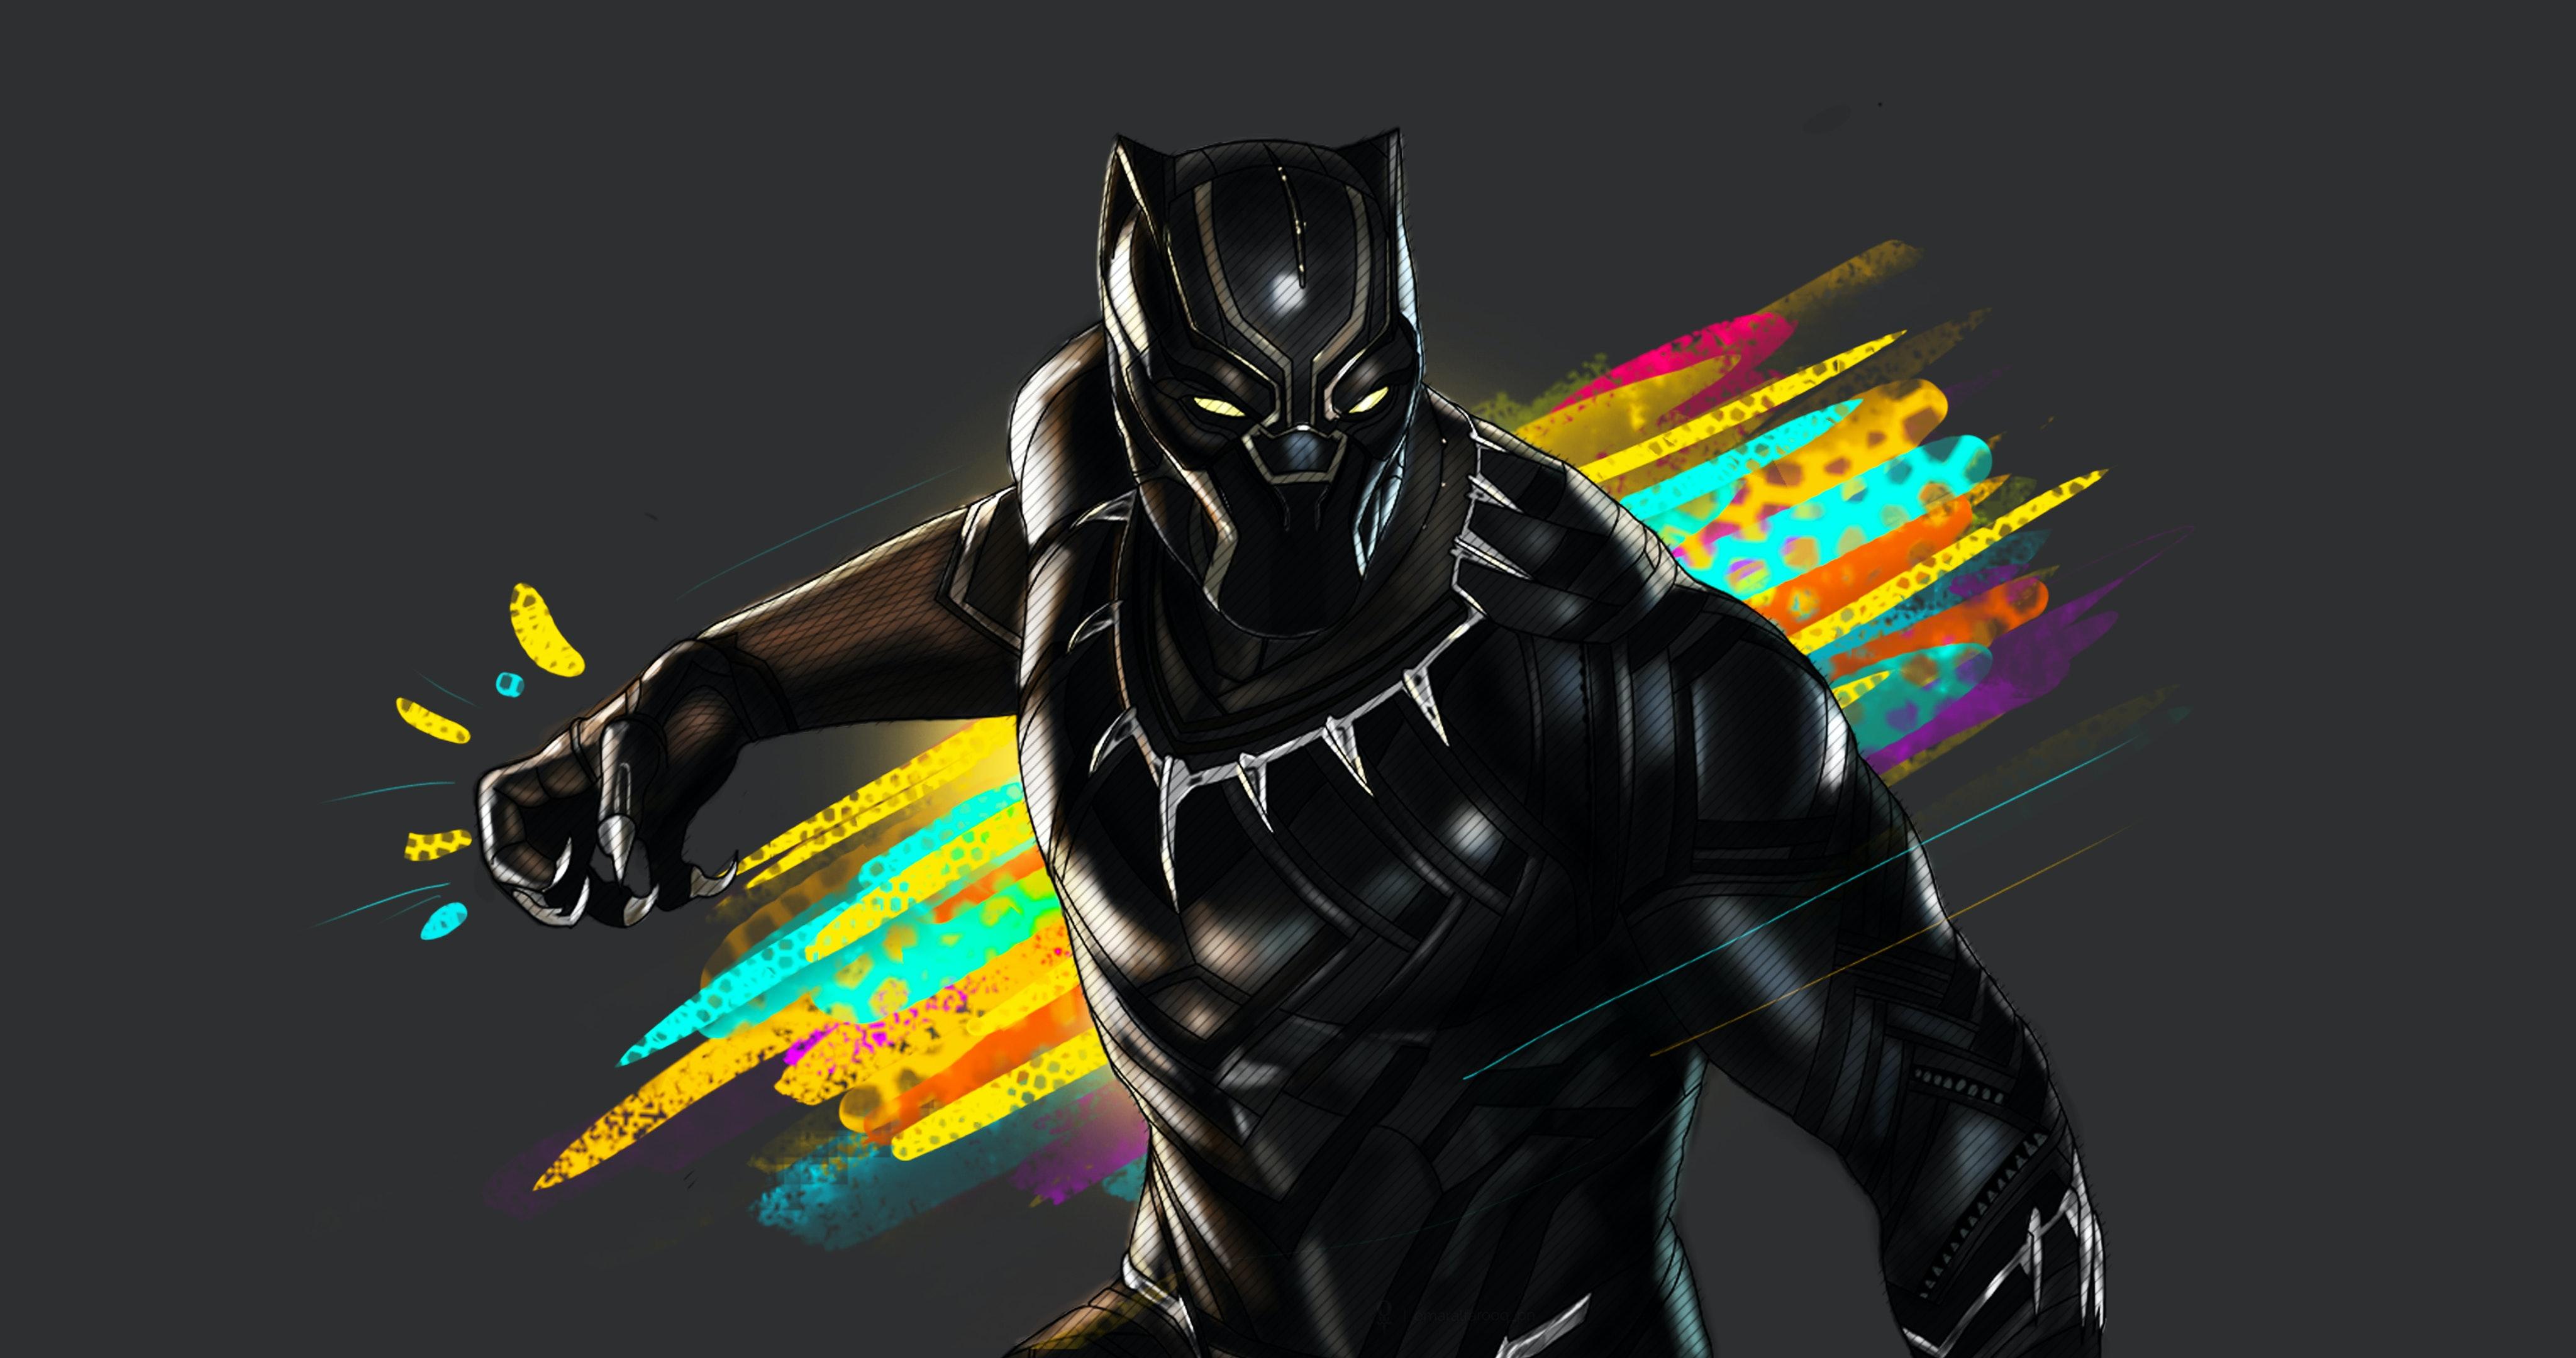 Free Stock Photo Of 4k Wallpaper Black Panther